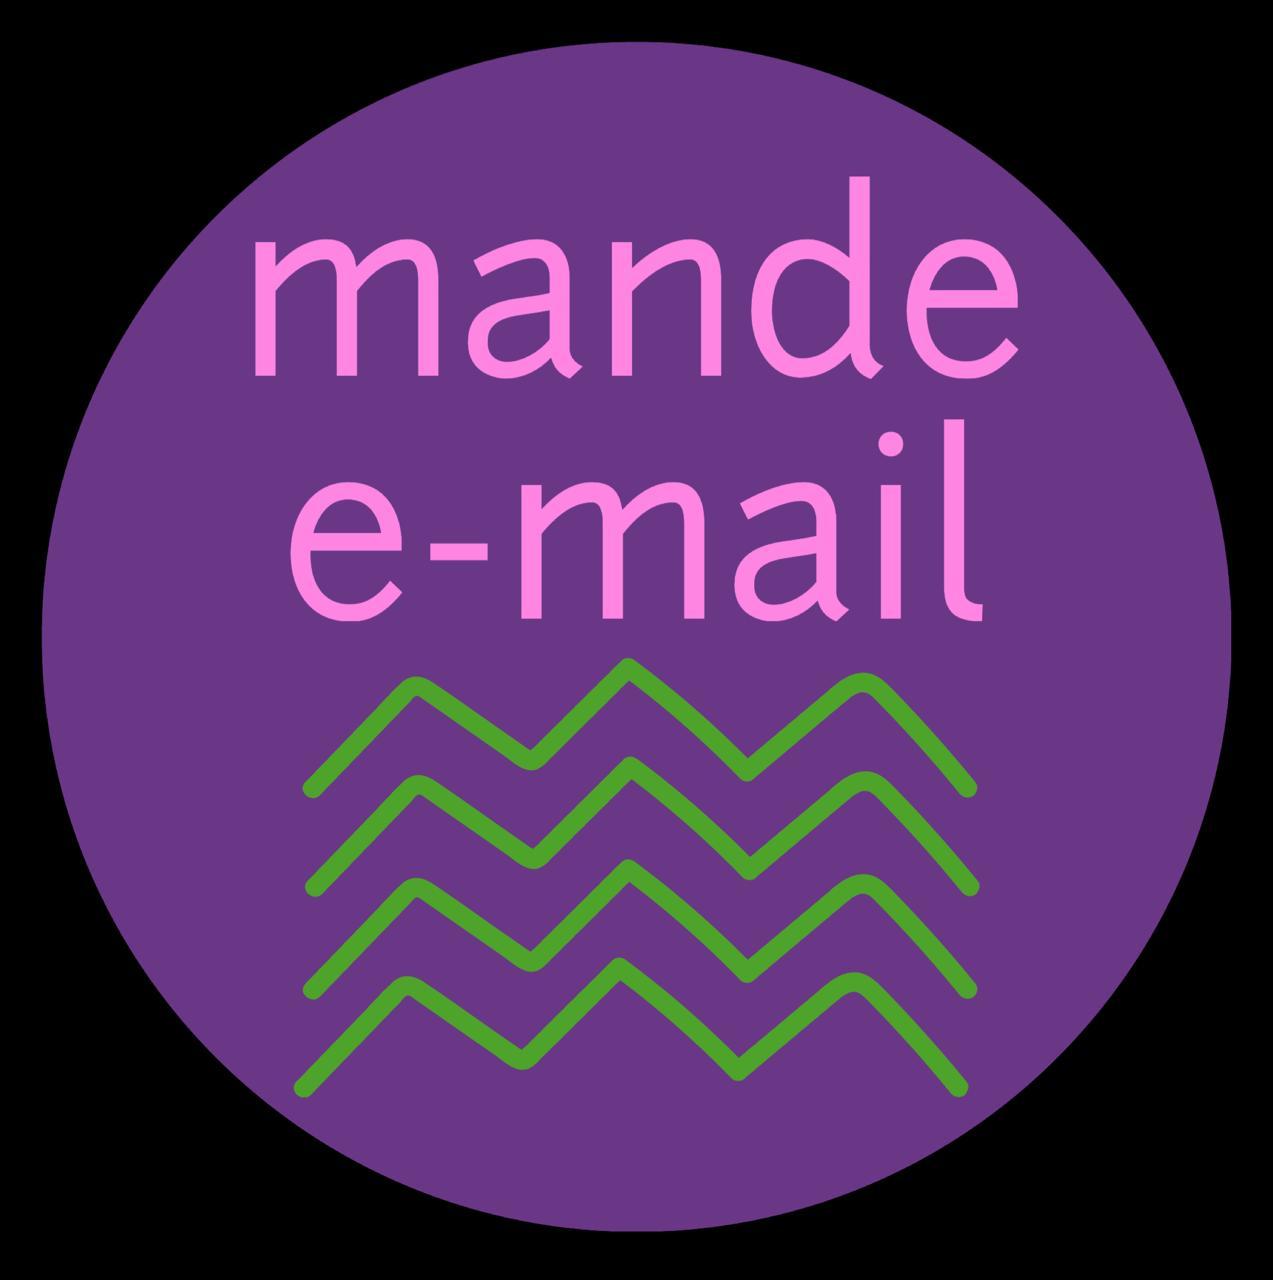 Mande email ;)